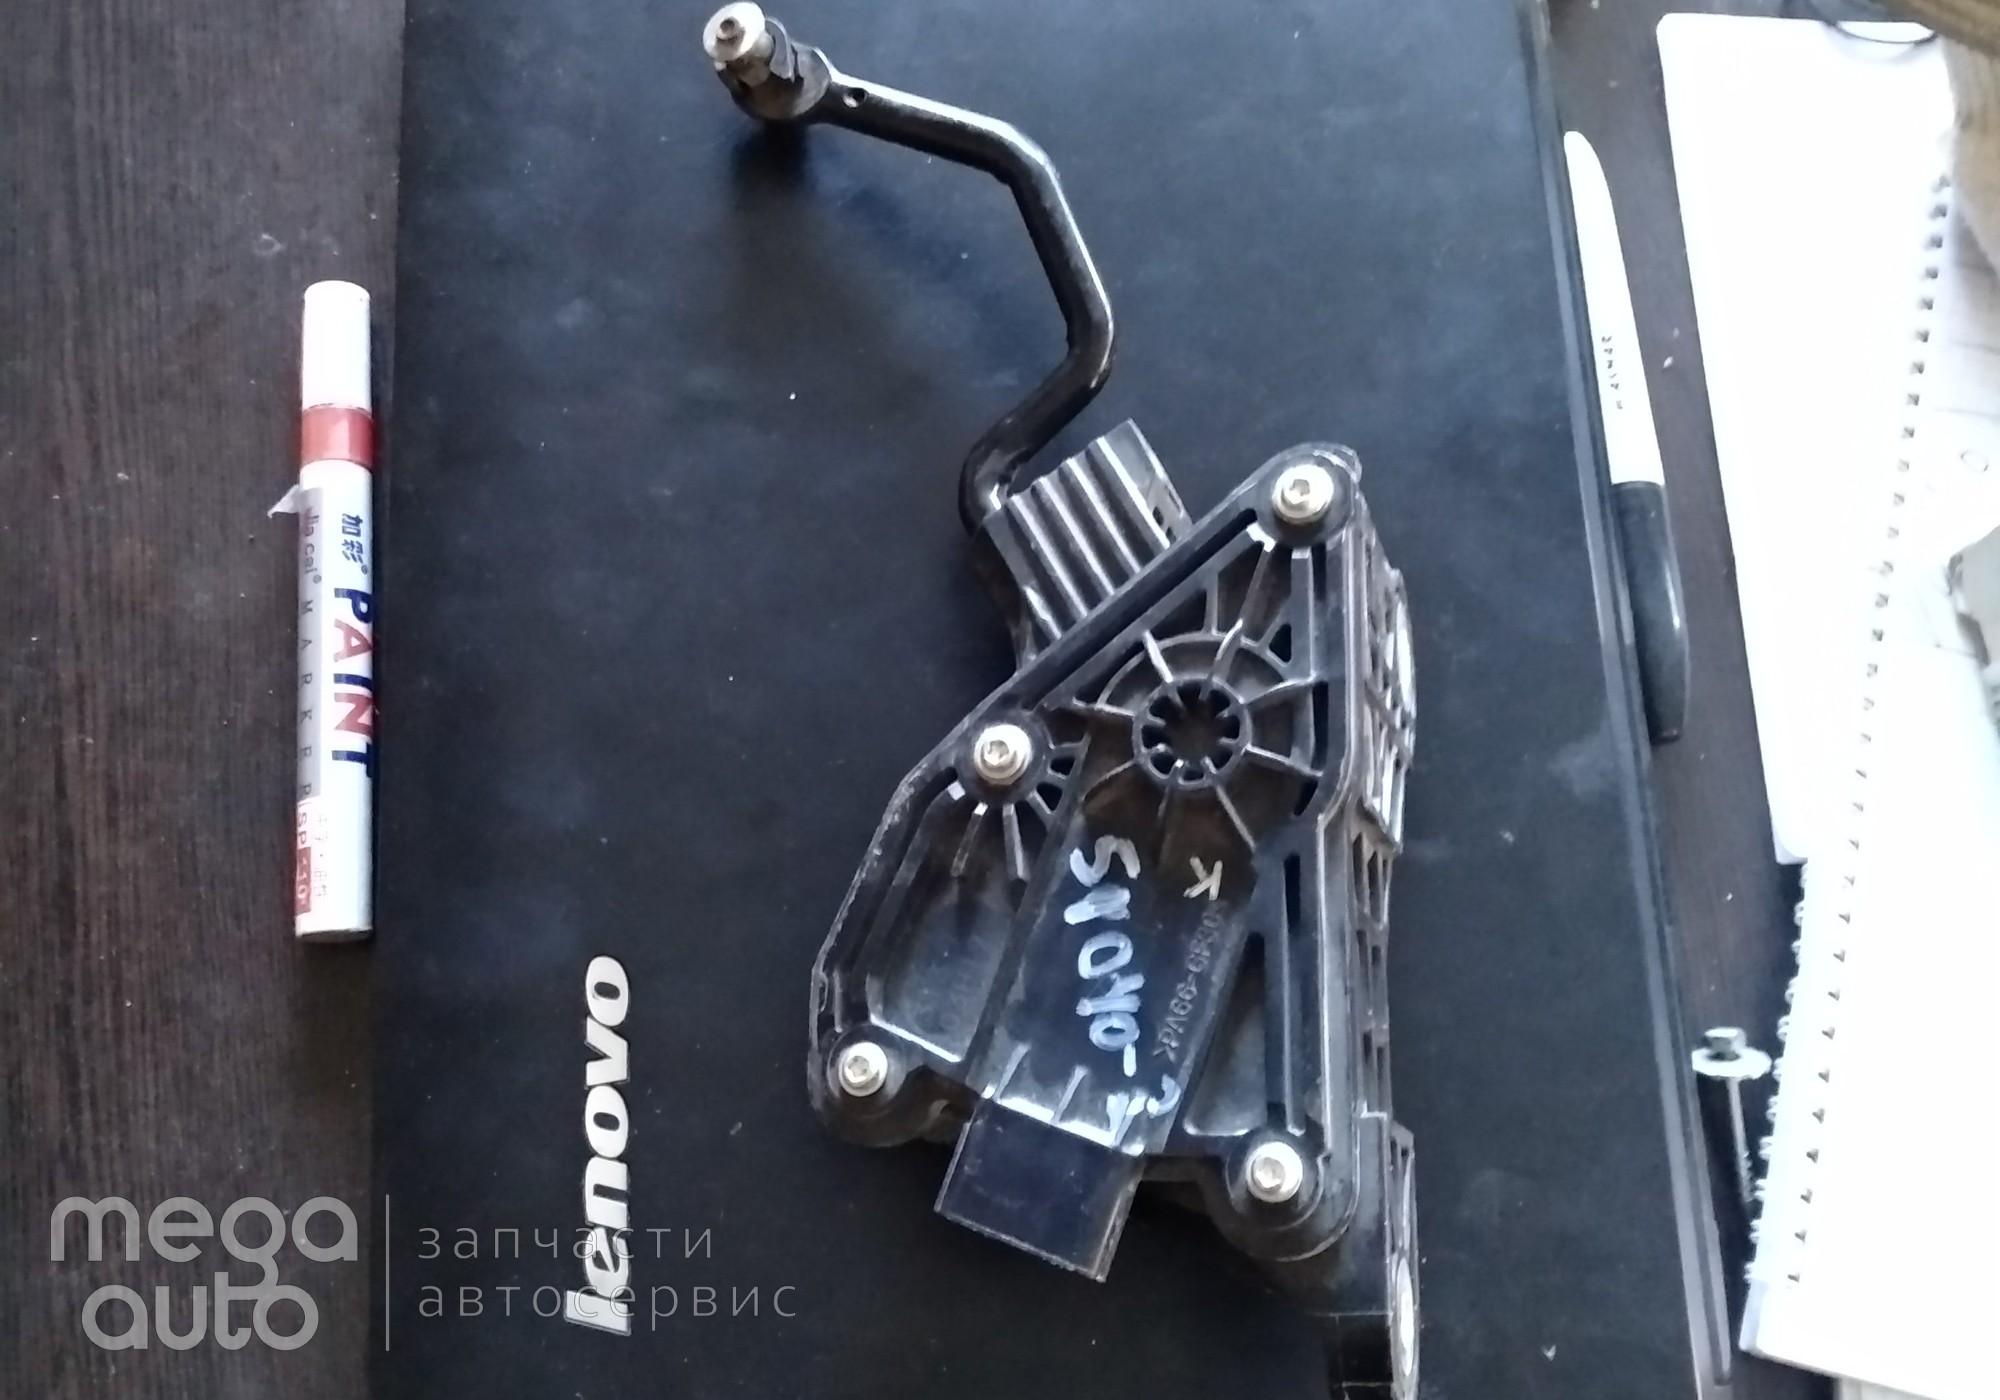 17800SNBG02 Педаль газа цивик 4д для Honda Civic VIII (с 2005 по 2011)